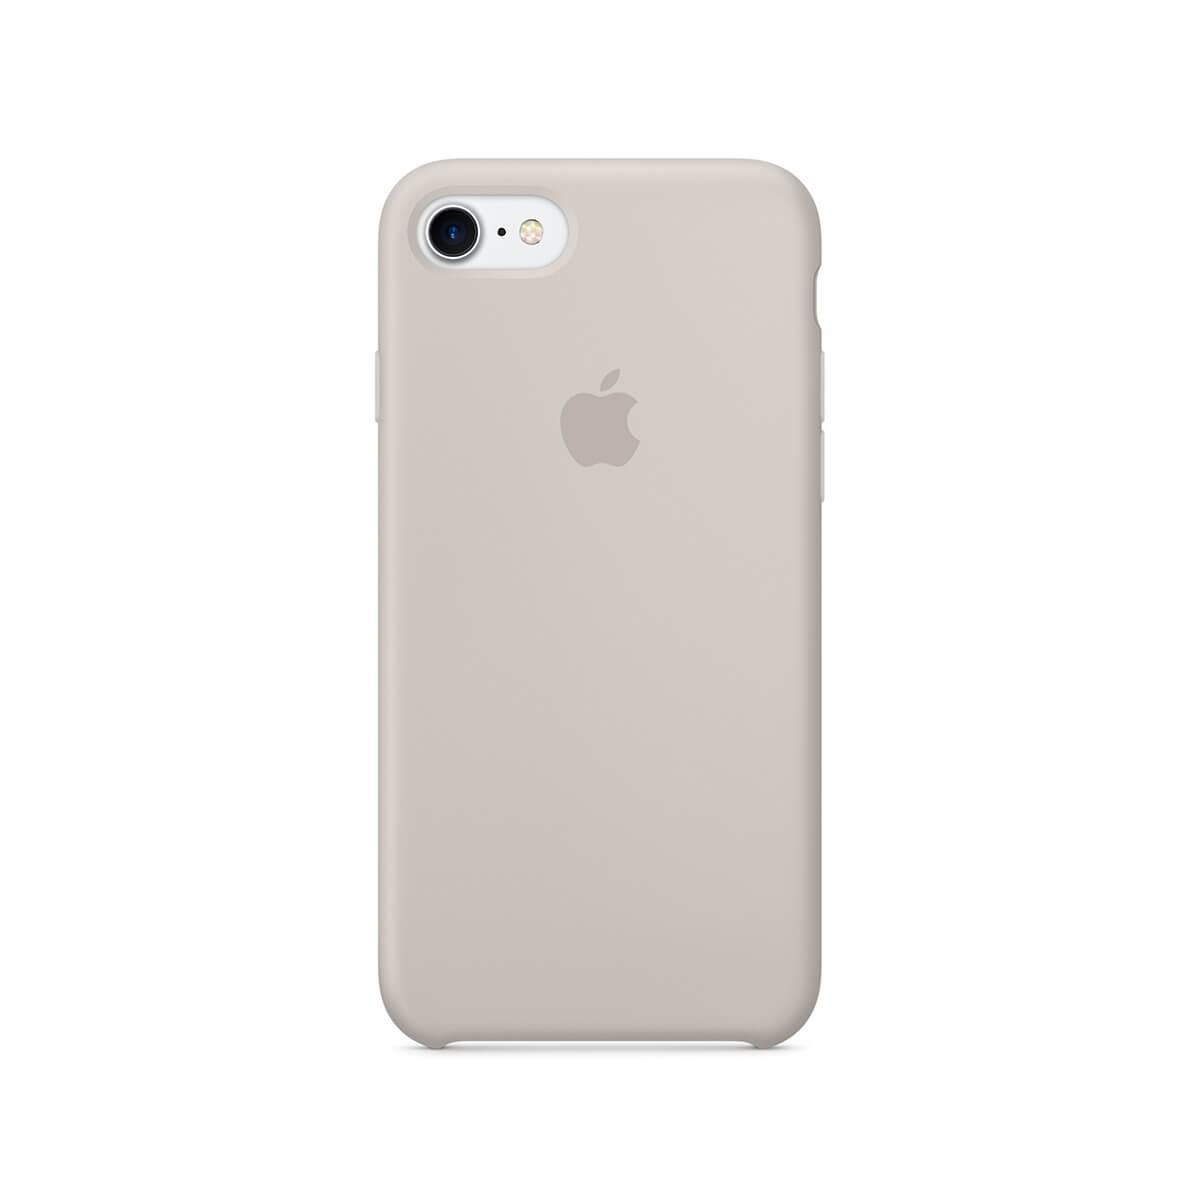 Apple silikonový kryt na iPhone 7 – kamenně šedý